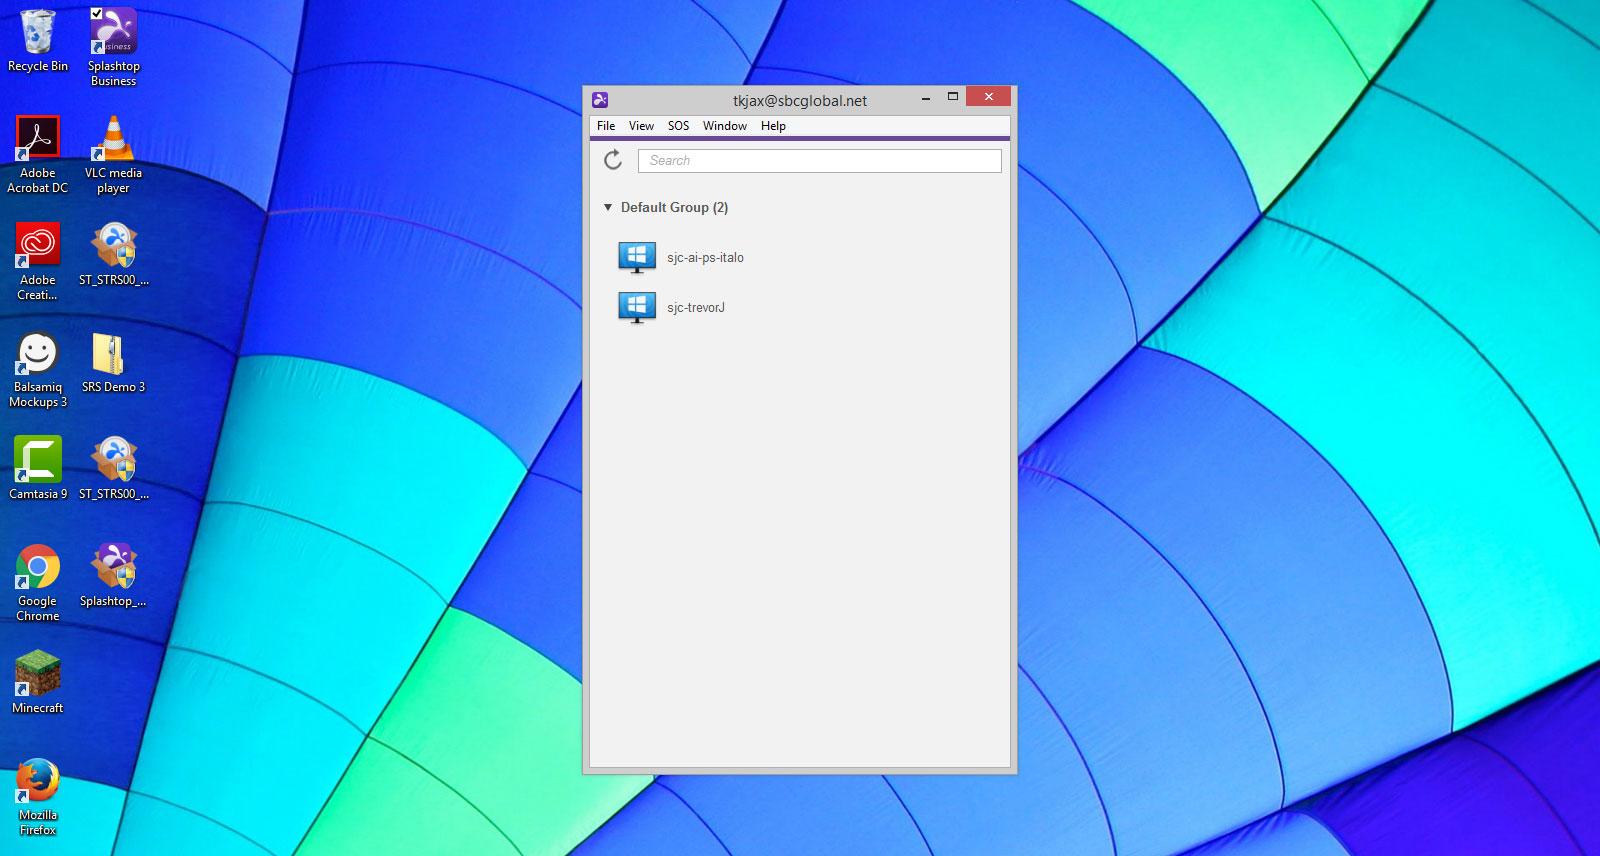 Splashtop Business App on Desktop